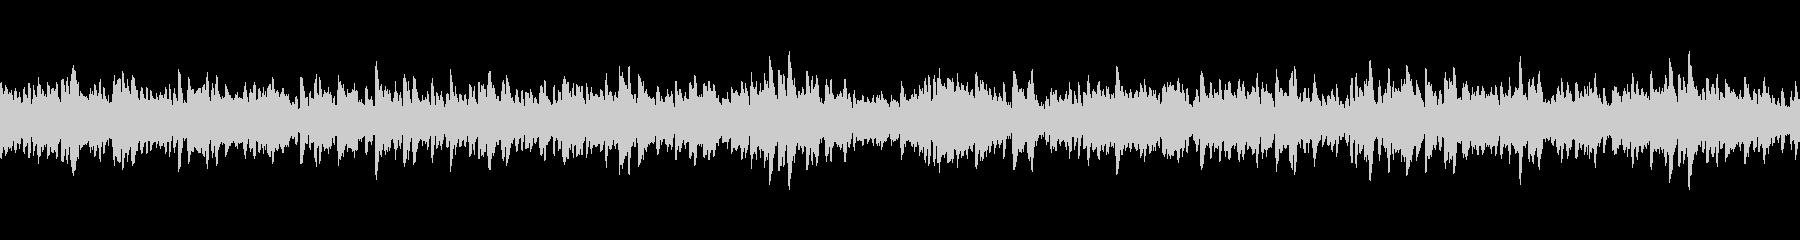 映像向けシンプルで切なく儚いピアノの未再生の波形